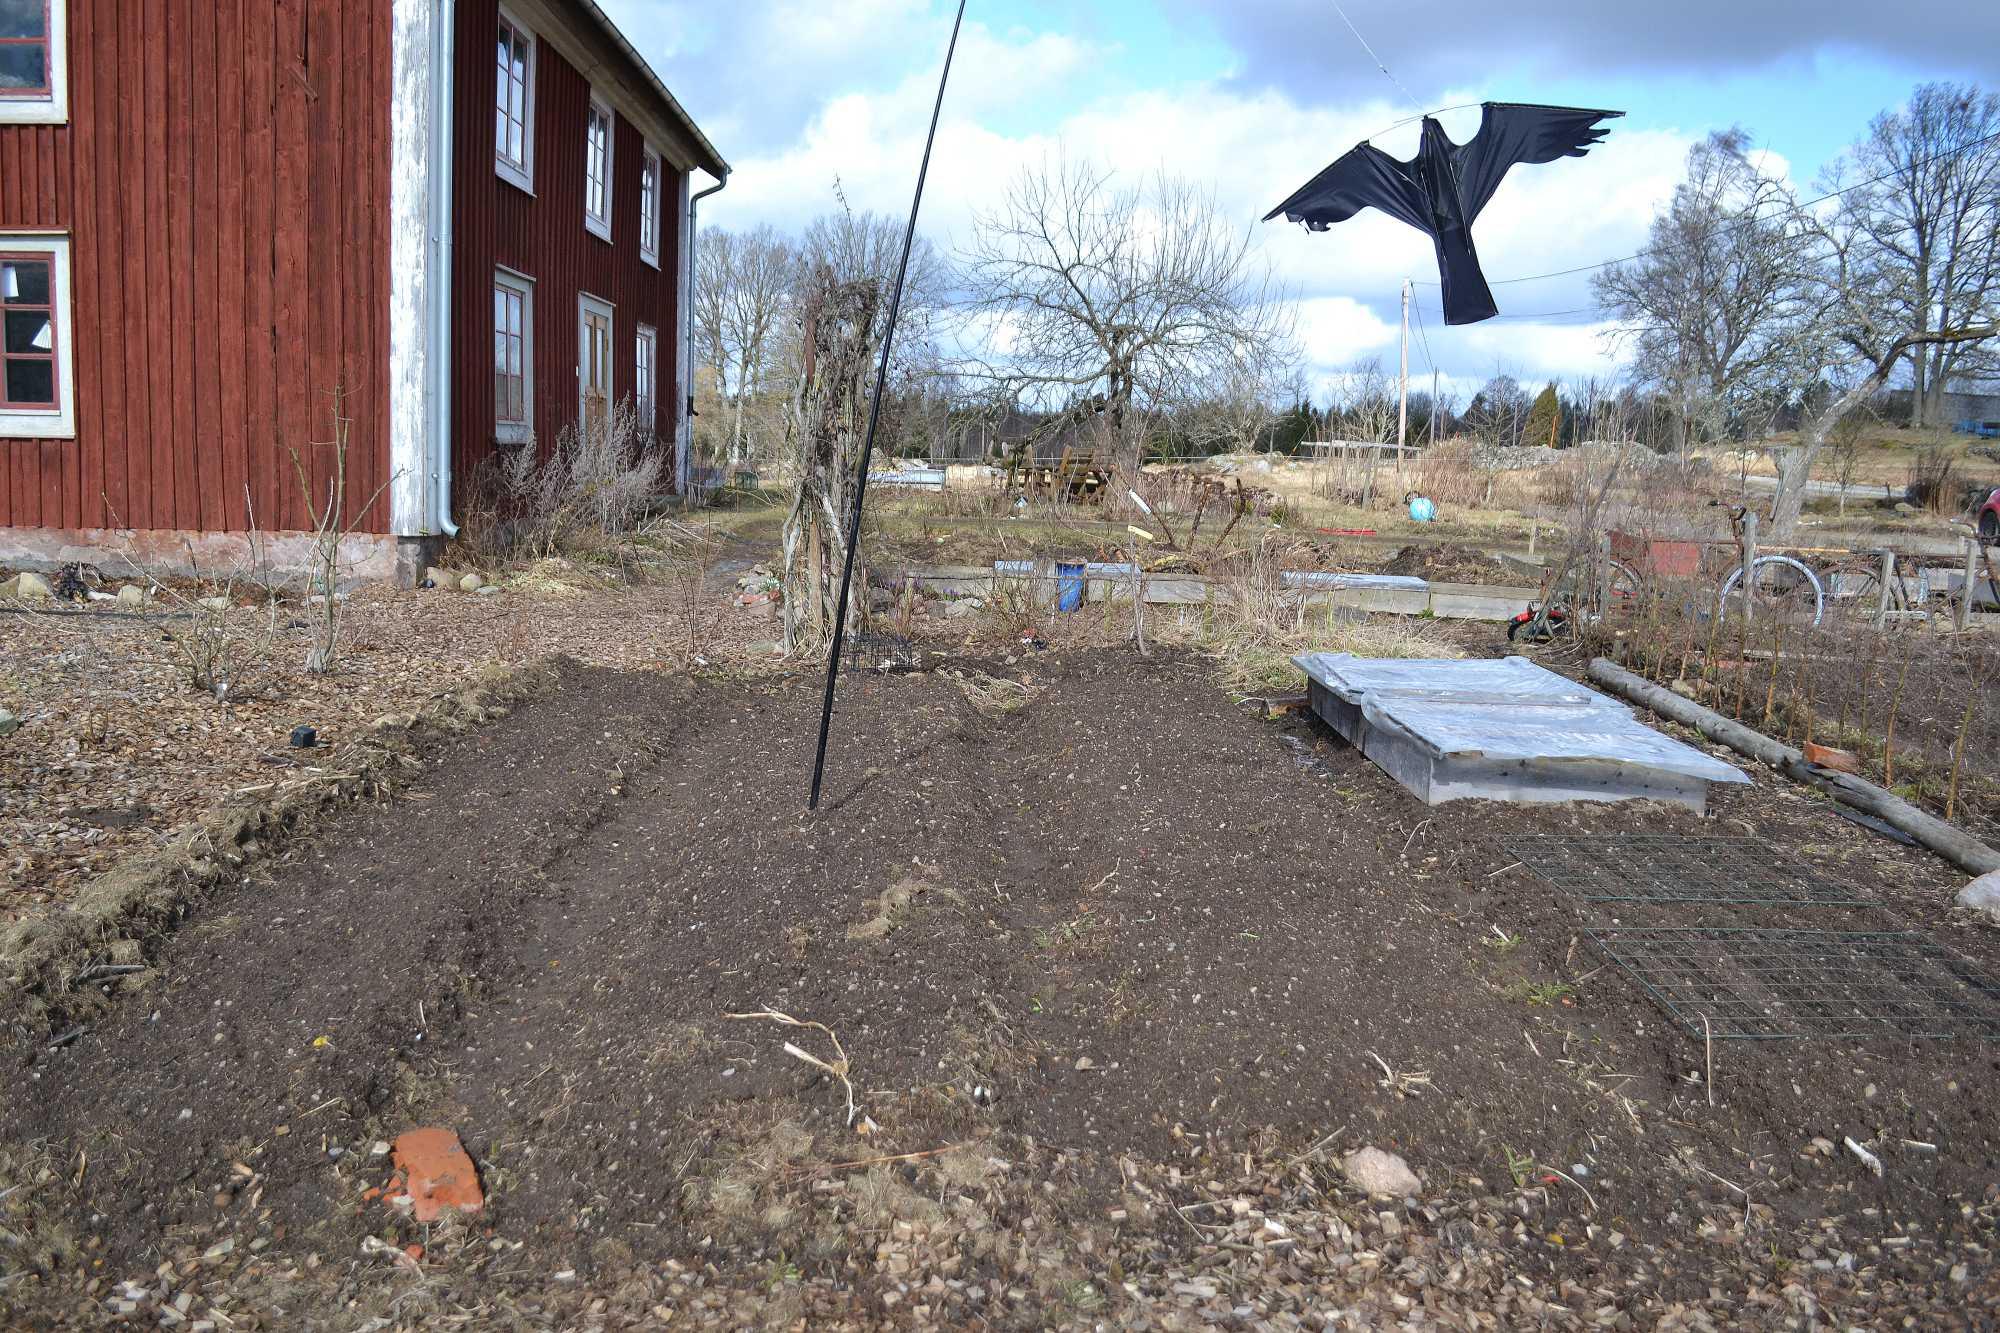 En del av köksträdgården med upphöjda bäddar.